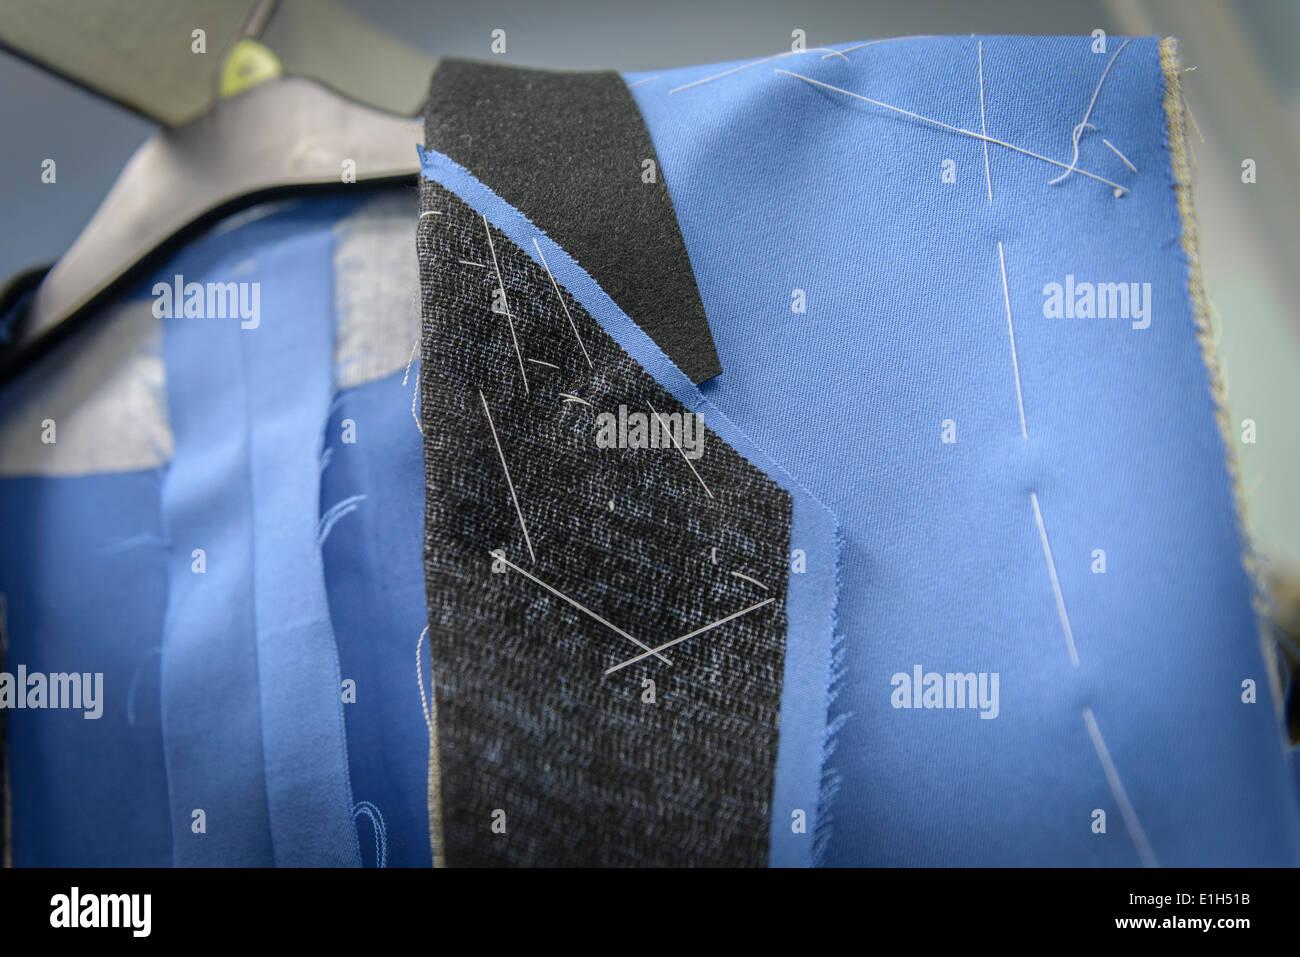 Detalle de material en la fábrica de ropa, cerrar Imagen De Stock